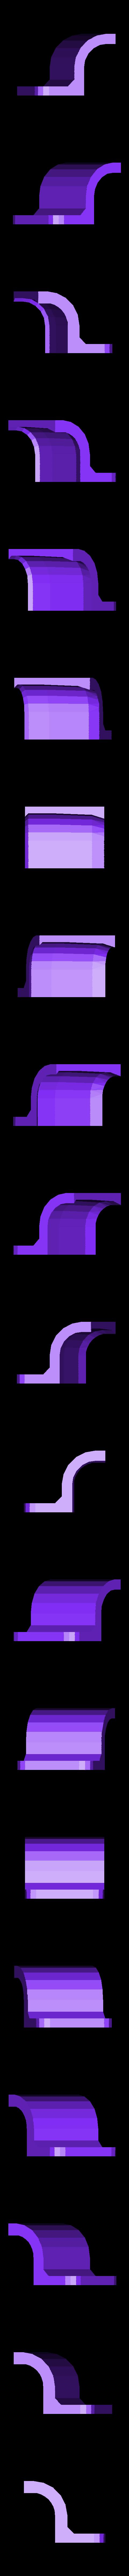 xtion_clip_left.stl Download free STL file Xtended Asus Xtion mount for TurtleBot • 3D printer model, Obenottr3D